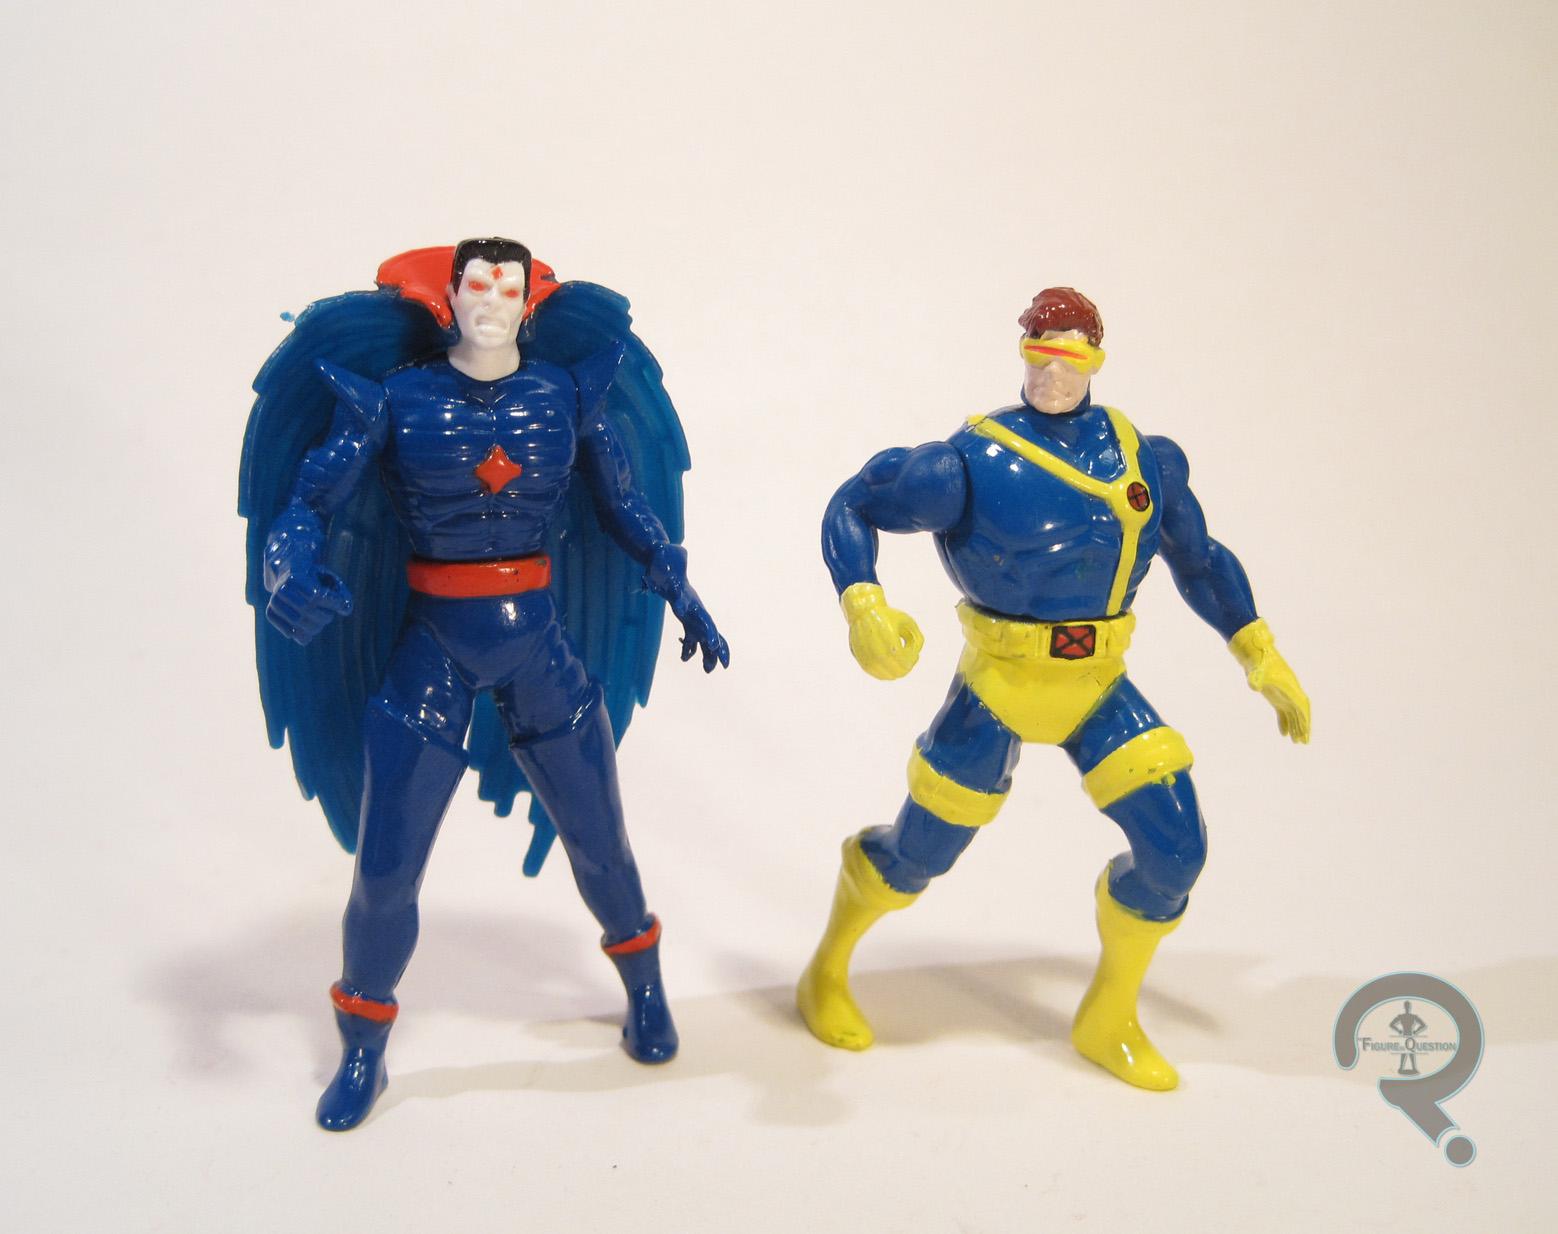 Bishop Die-cast Metal Action Figures Gambit Vs Marvel Comics X-Men Steel Mutants